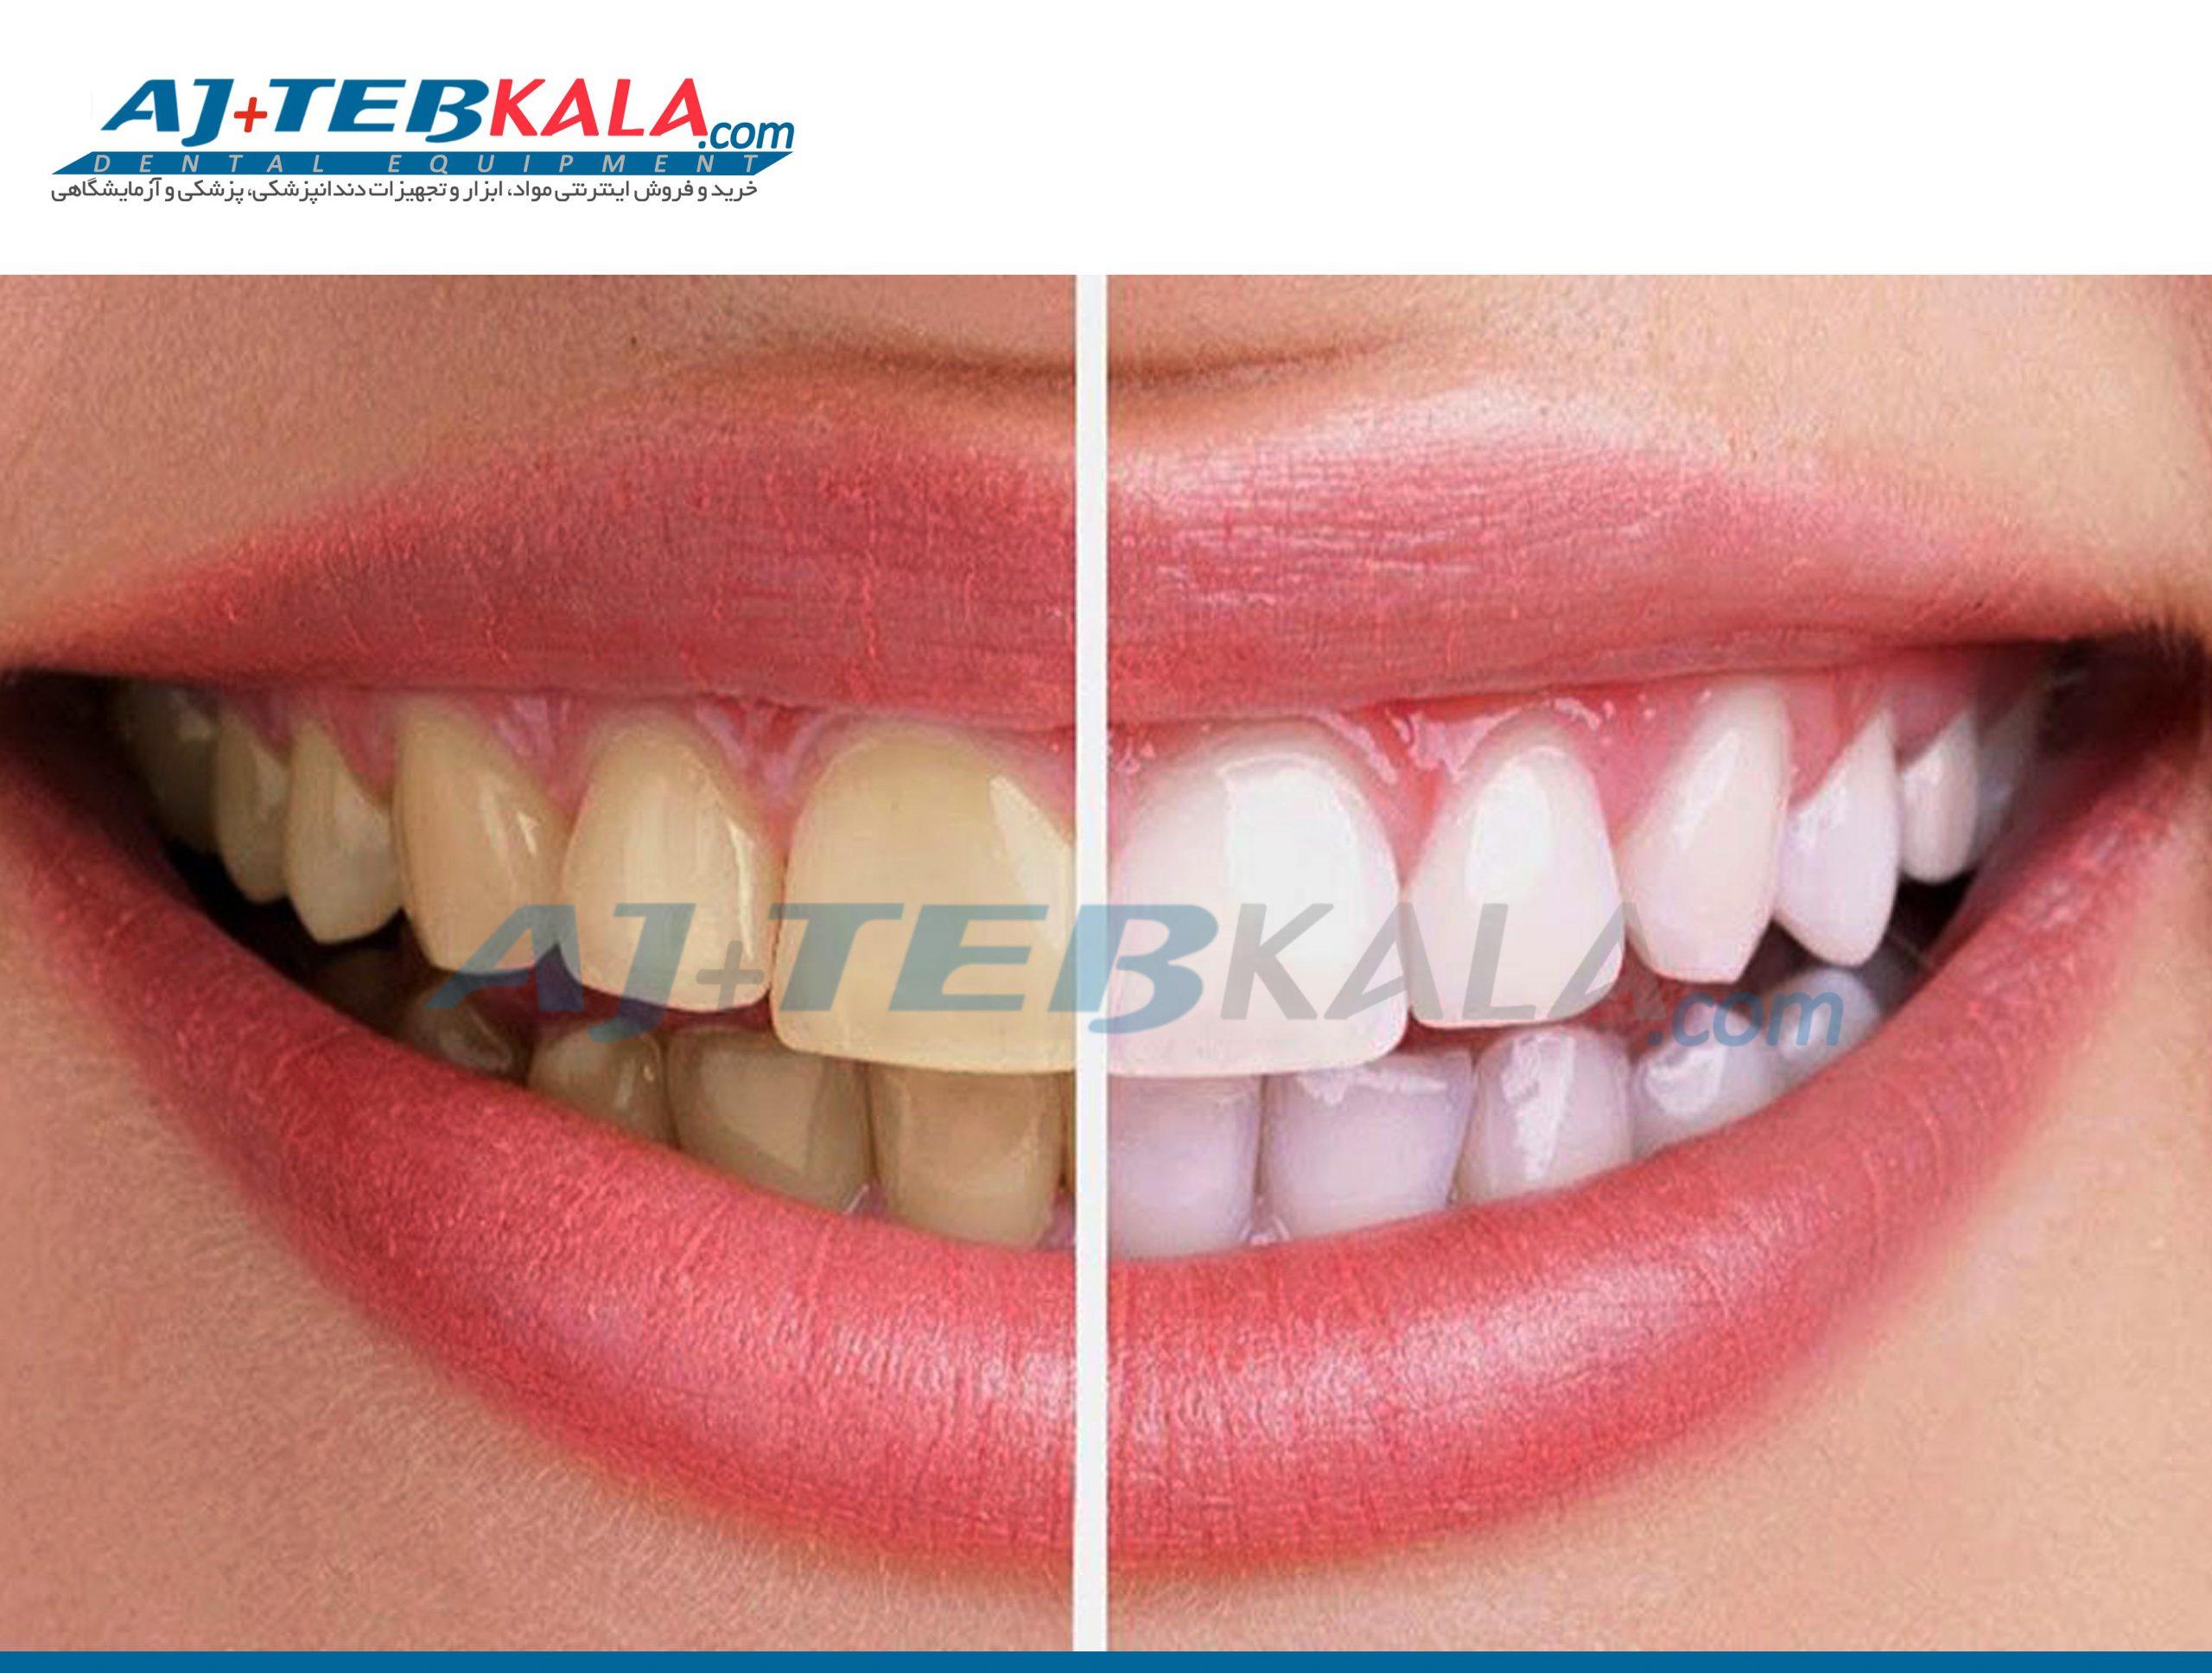 سه عامل تغییر رنگ در دندان ها